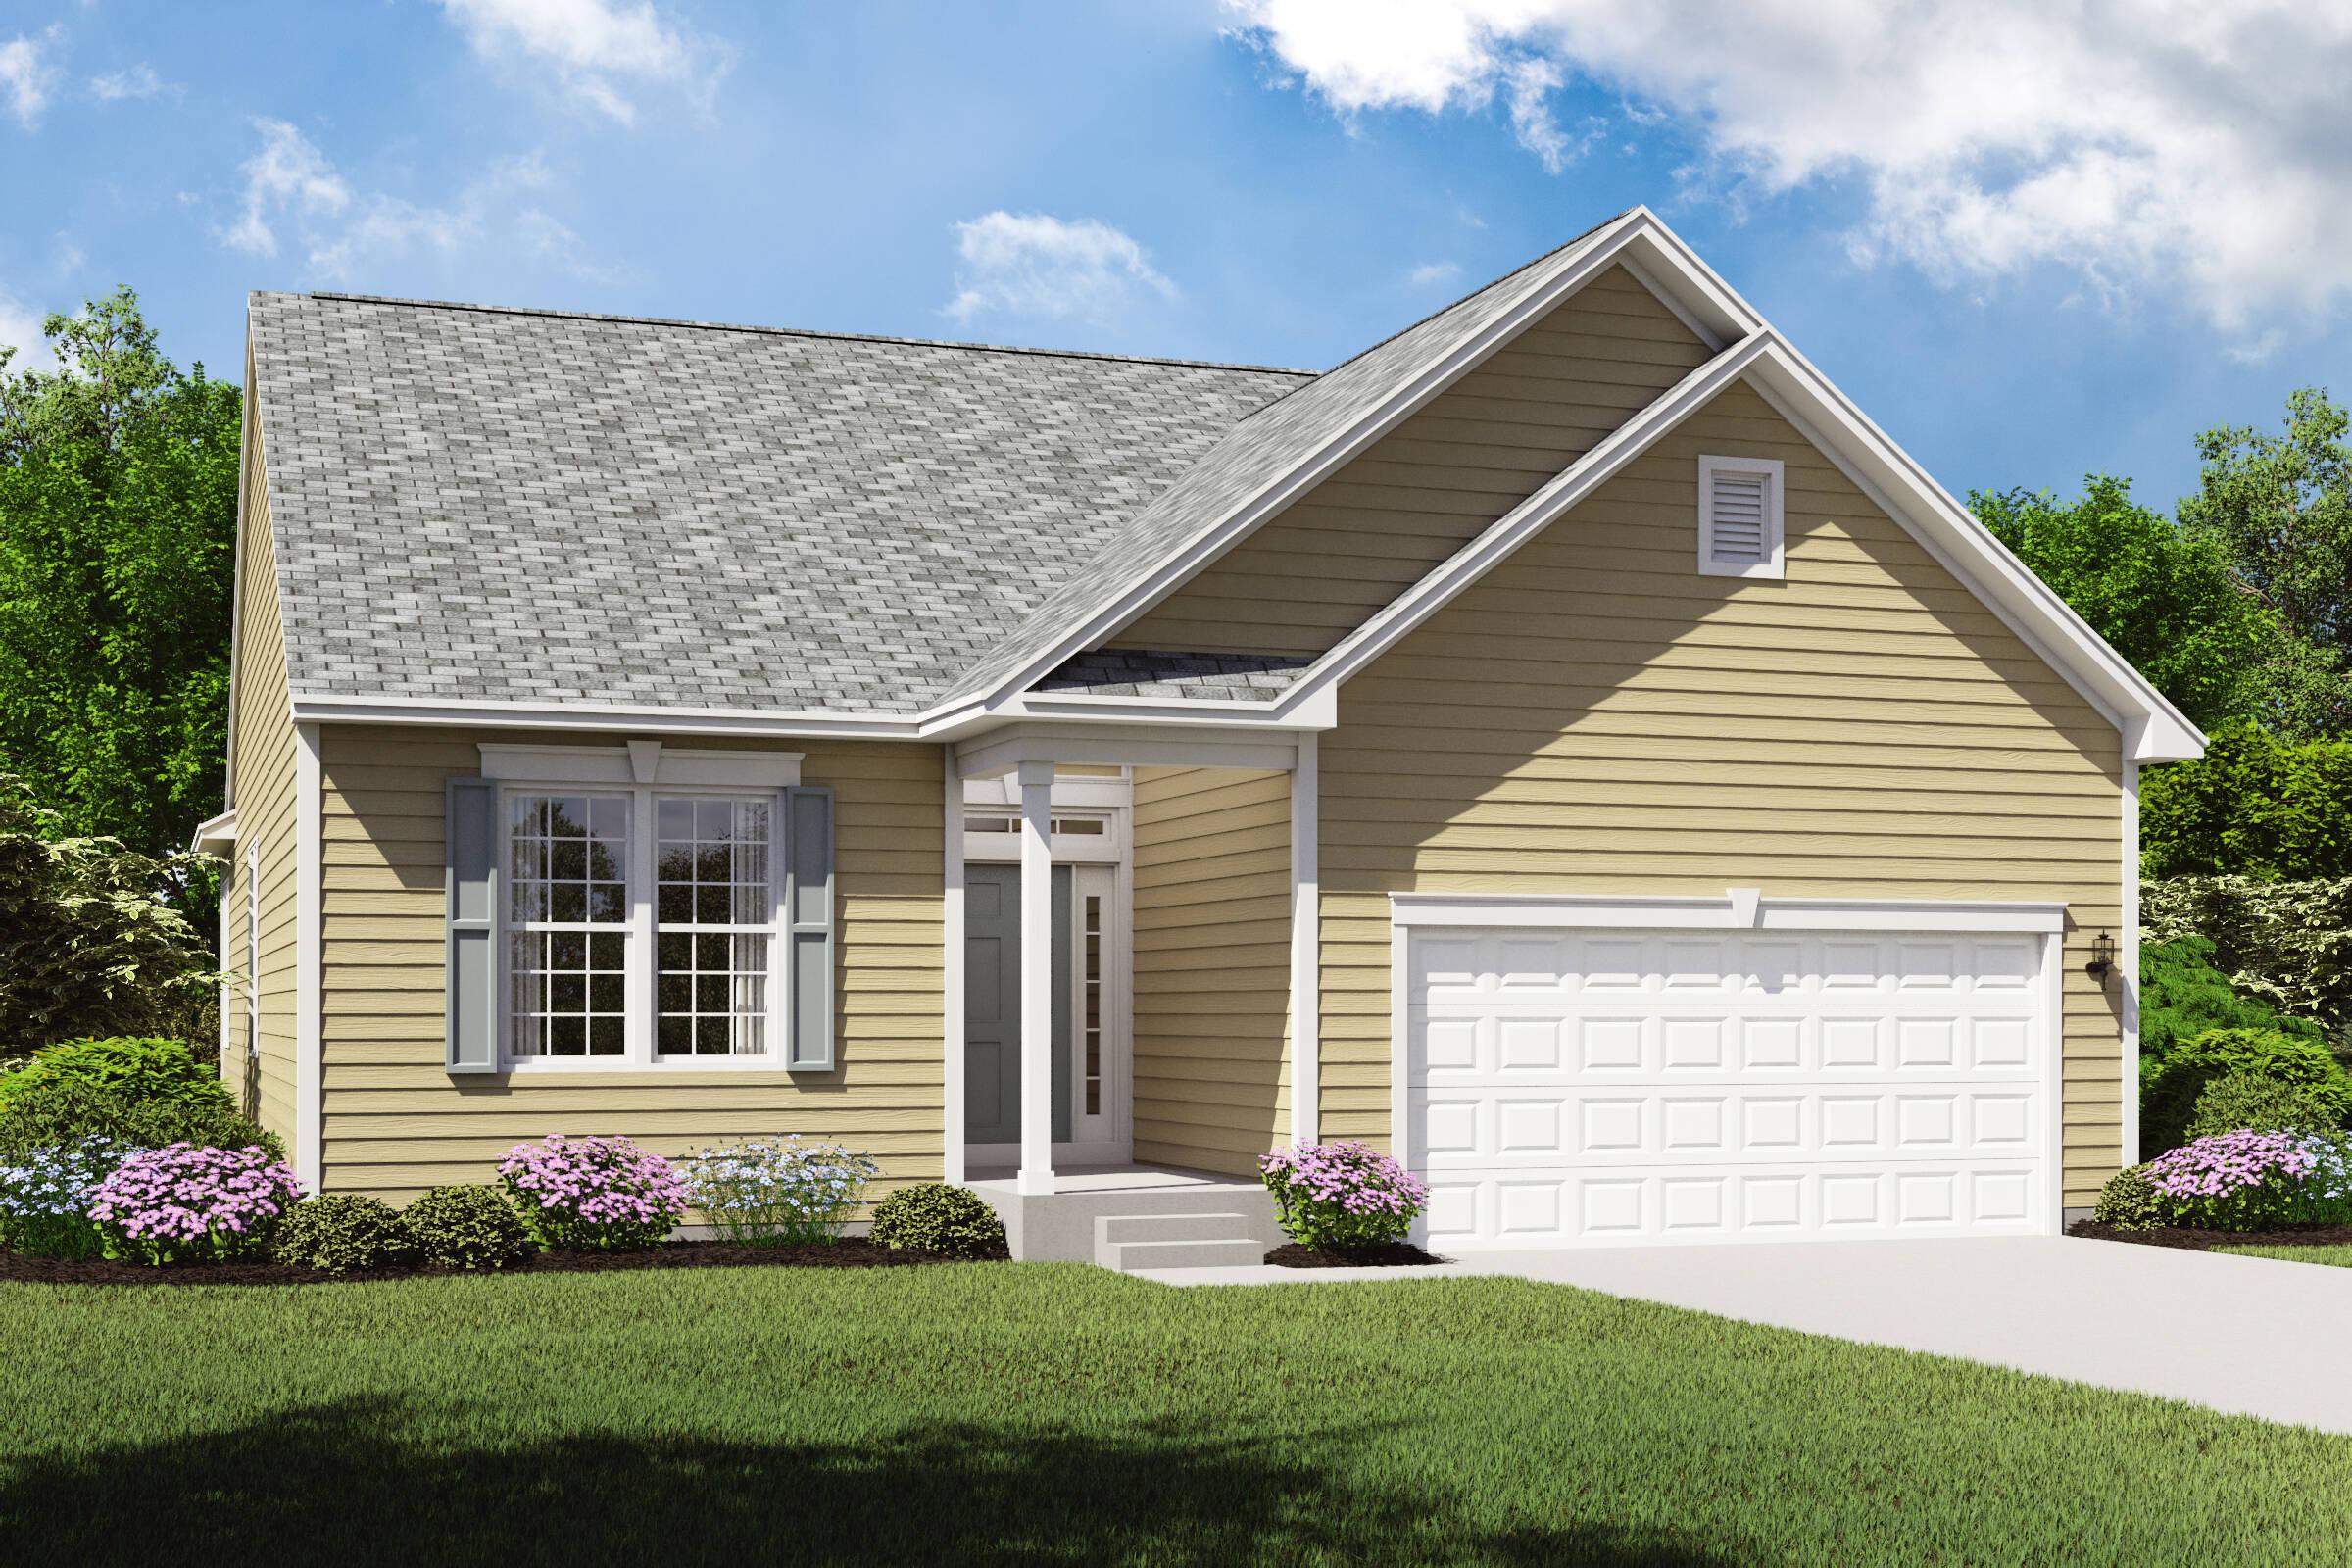 home designs morningside dorchester b lorain ohio